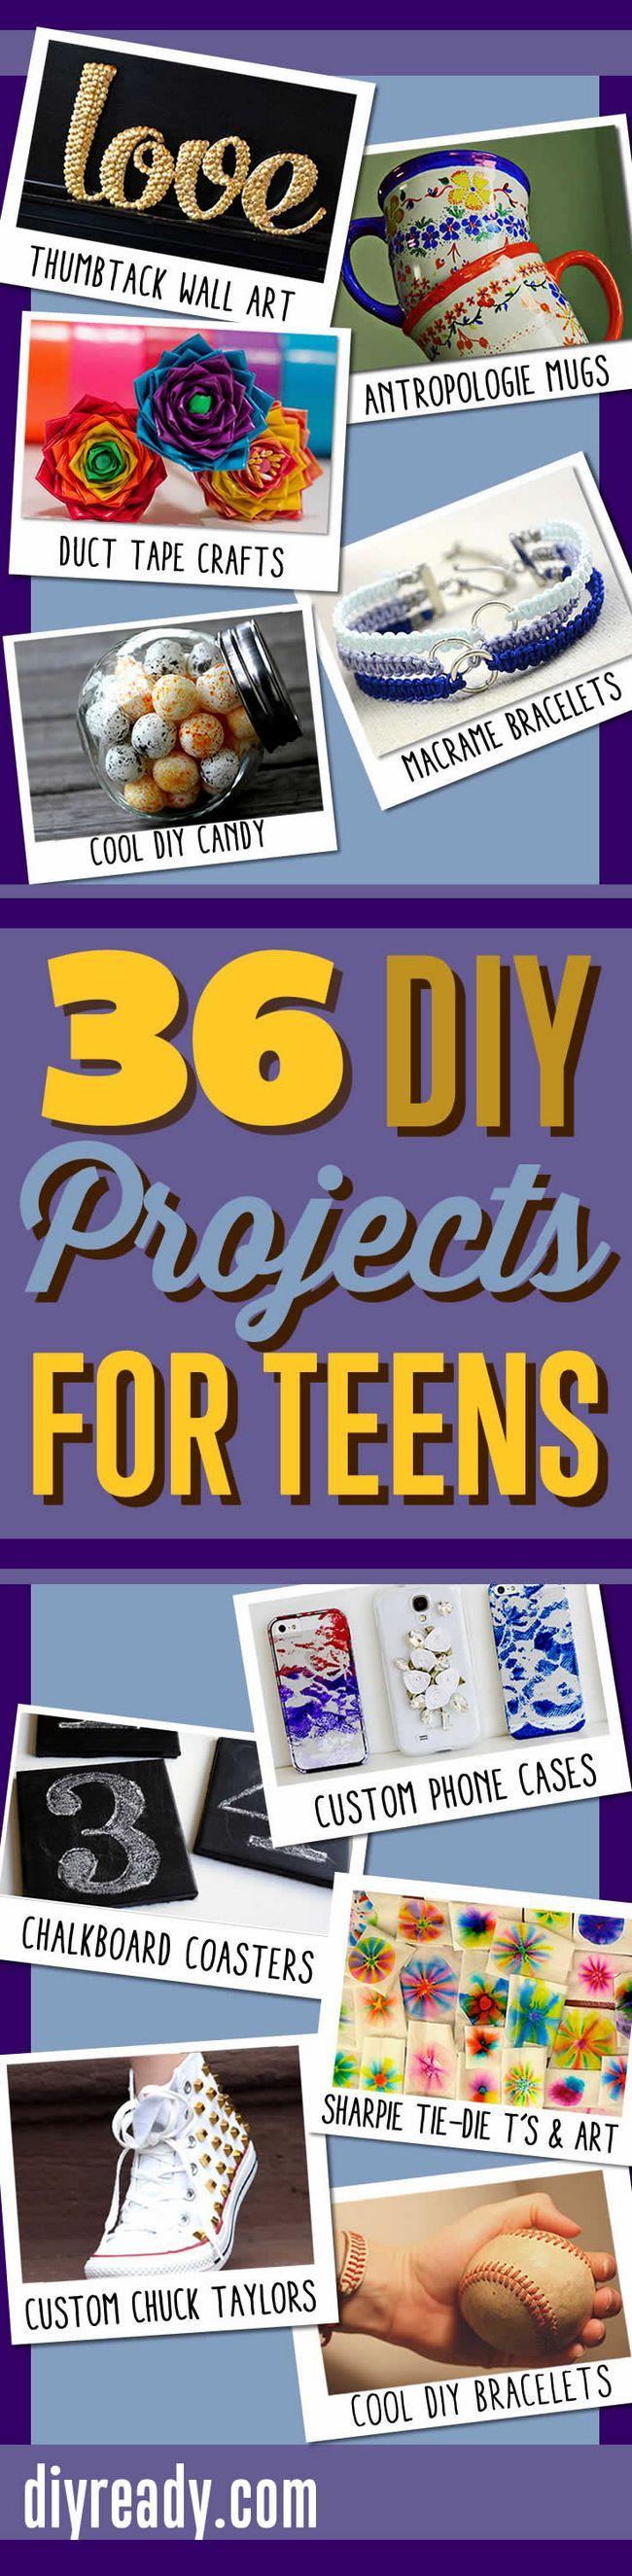 36 Proyectos de bricolaje frescos Para Adolescentes | Manualidades y bricolaje Ideas impresionantes para Manualidades para adolescentes http://artesaniasdebricolaje.ru/diy-projects-for-teenagers-cool-crafts-for-teens/ #diy #teens #crafts #pinterest